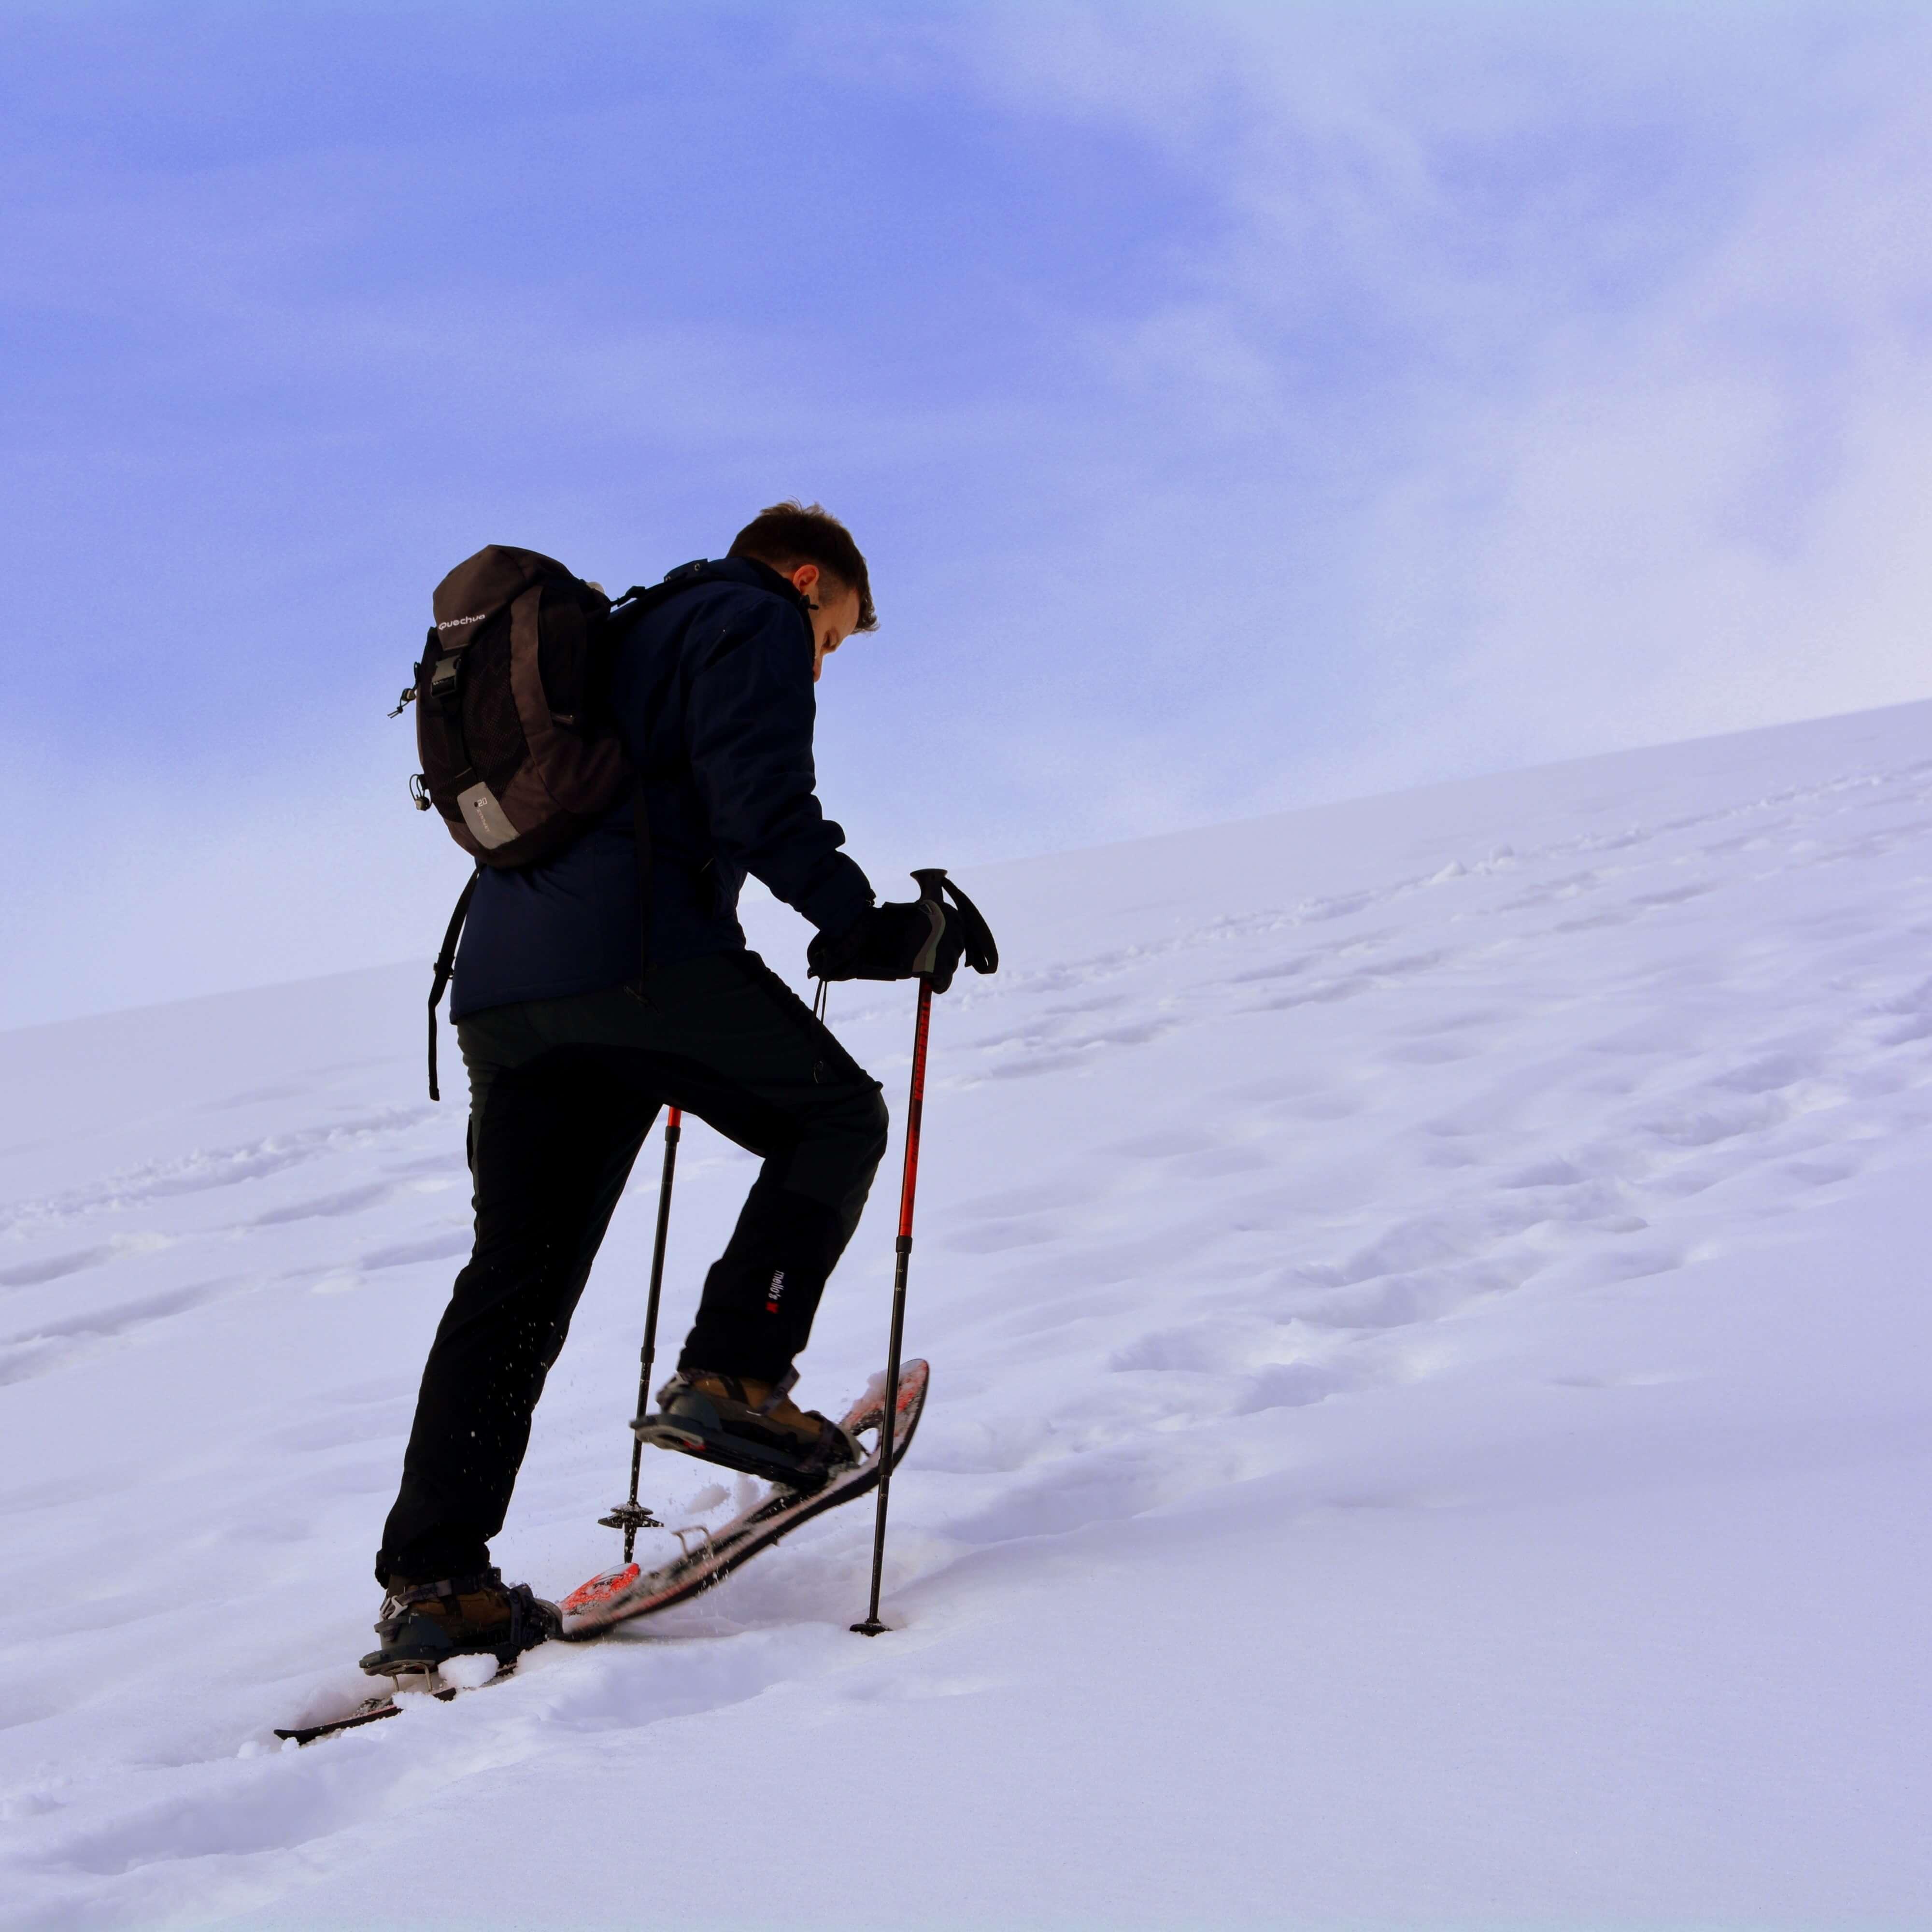 Schneeschuhwanderer am Berg